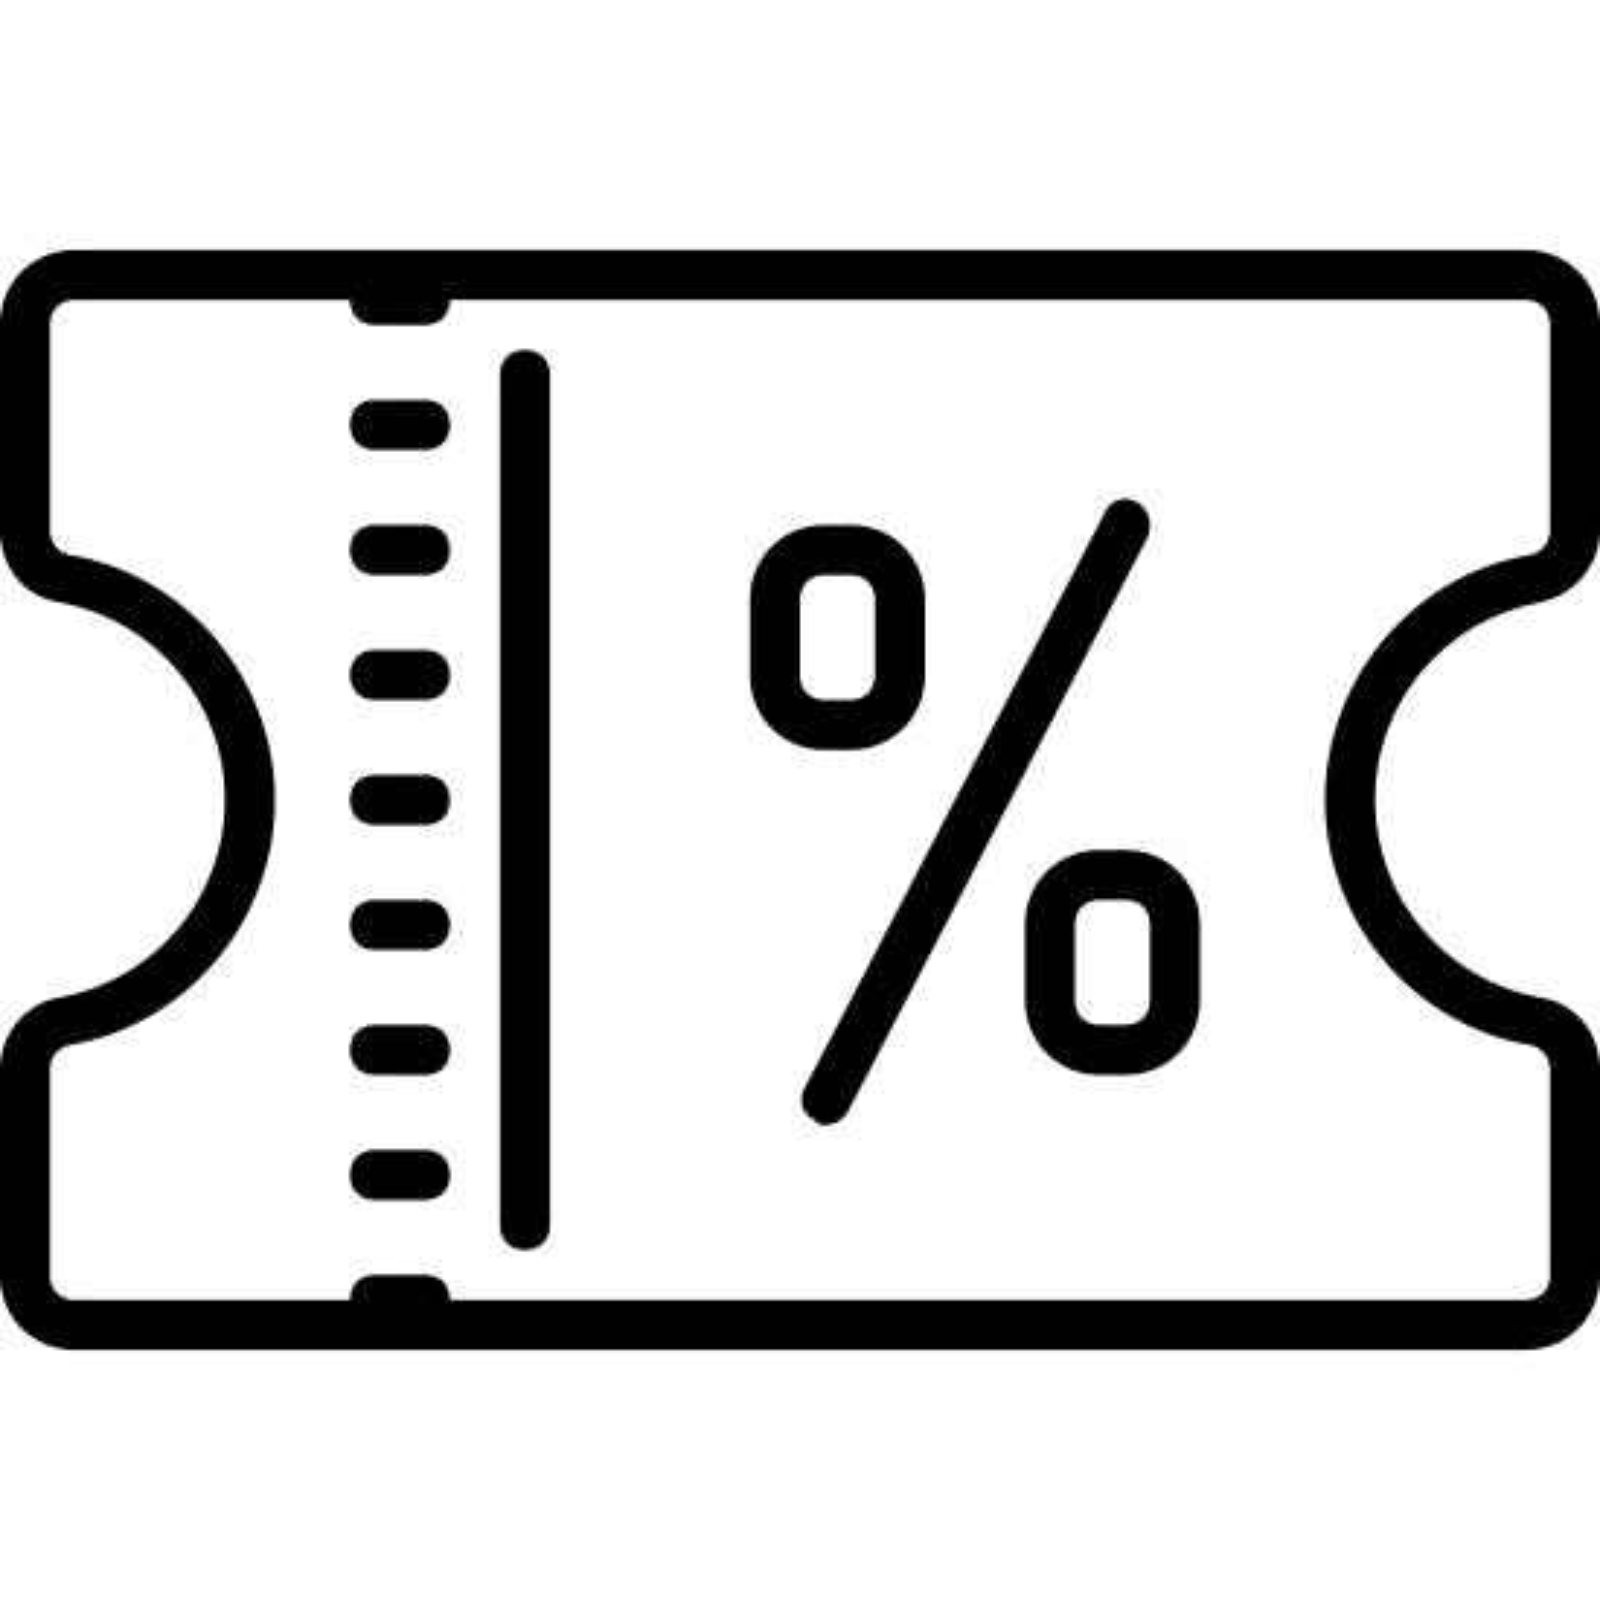 Bilet rabatowy icon